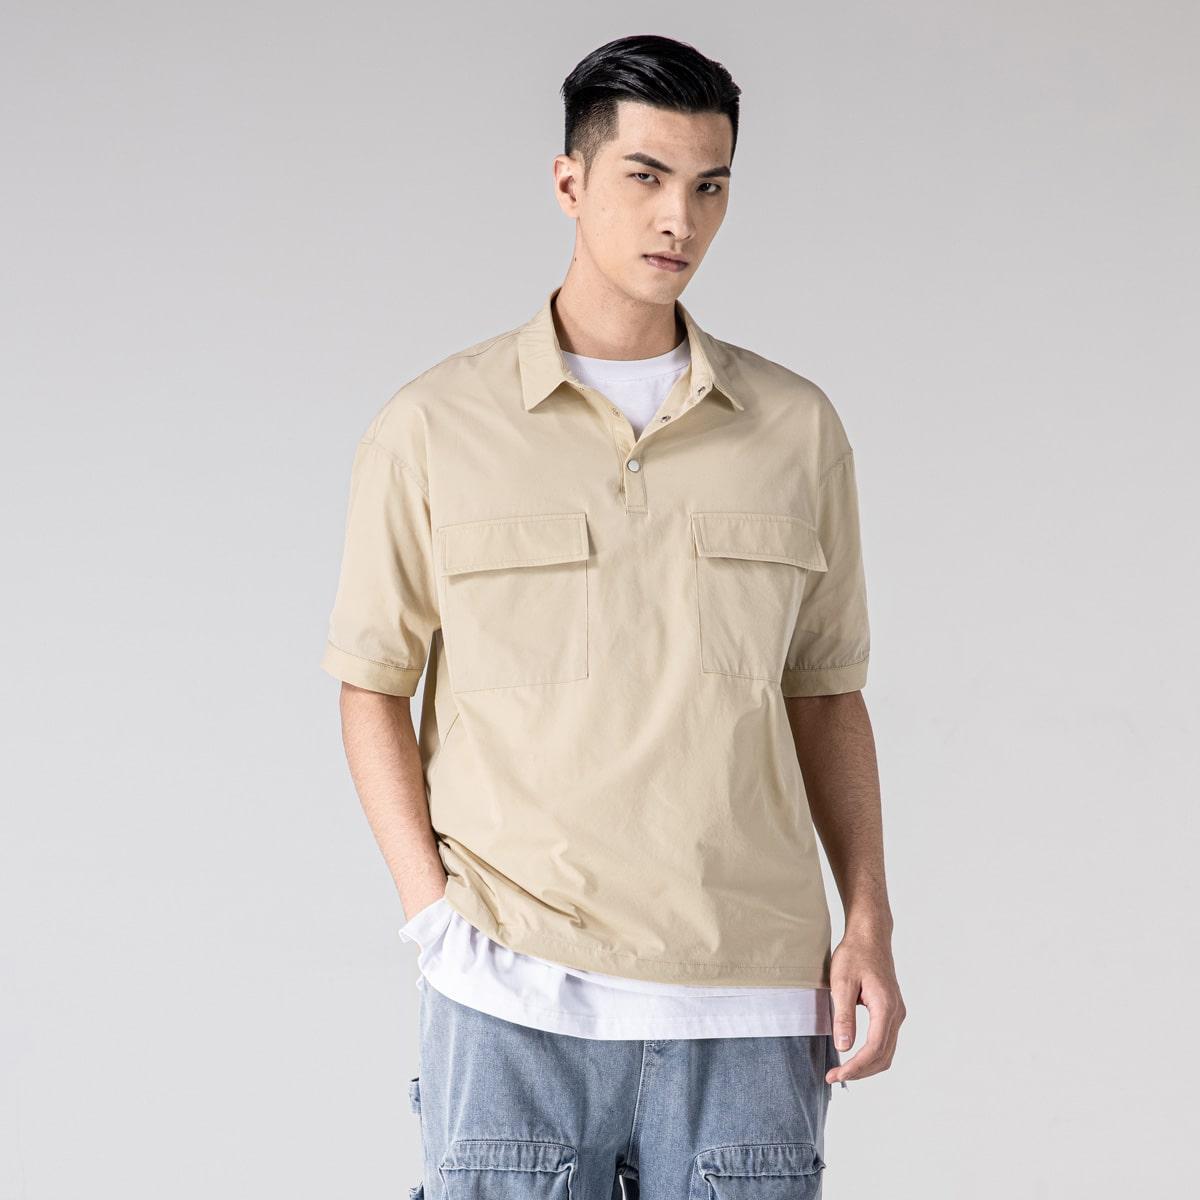 Мужской Рубашка с воротником-поло